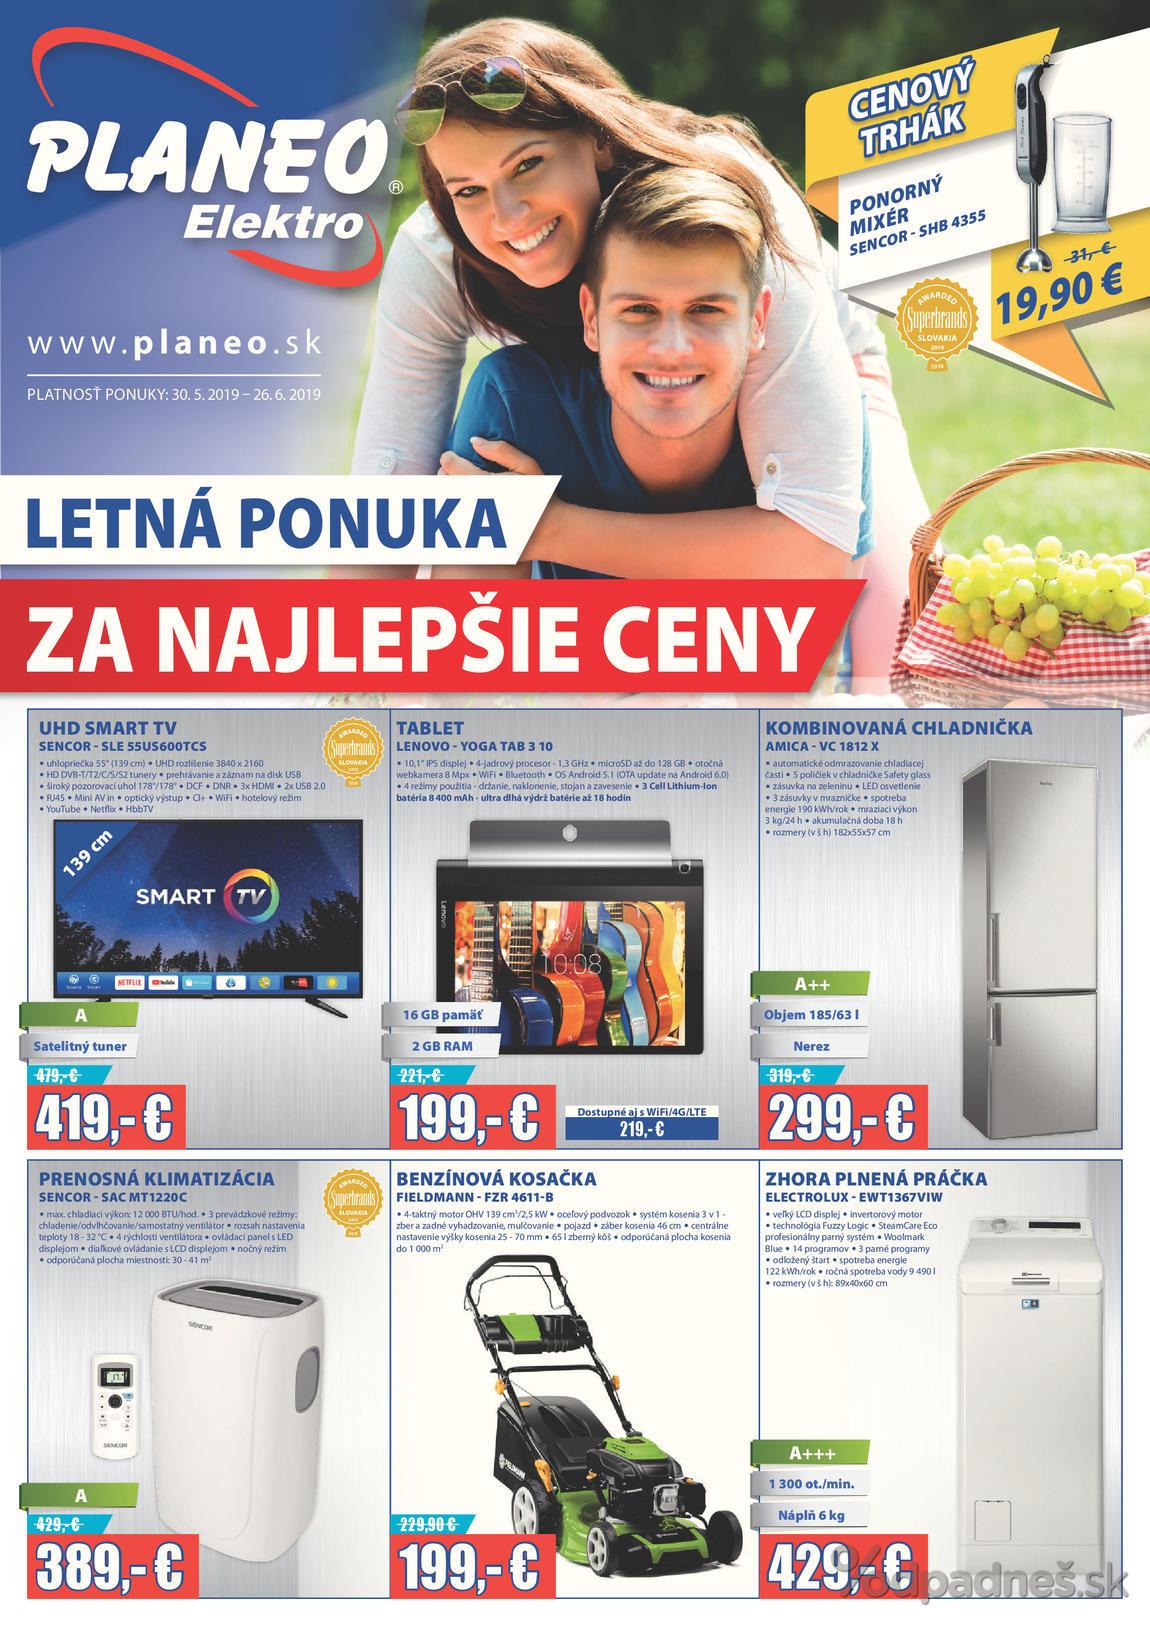 e2108751a Planeo Elektro leták platný do 26.6.2019   Letákovo.sk